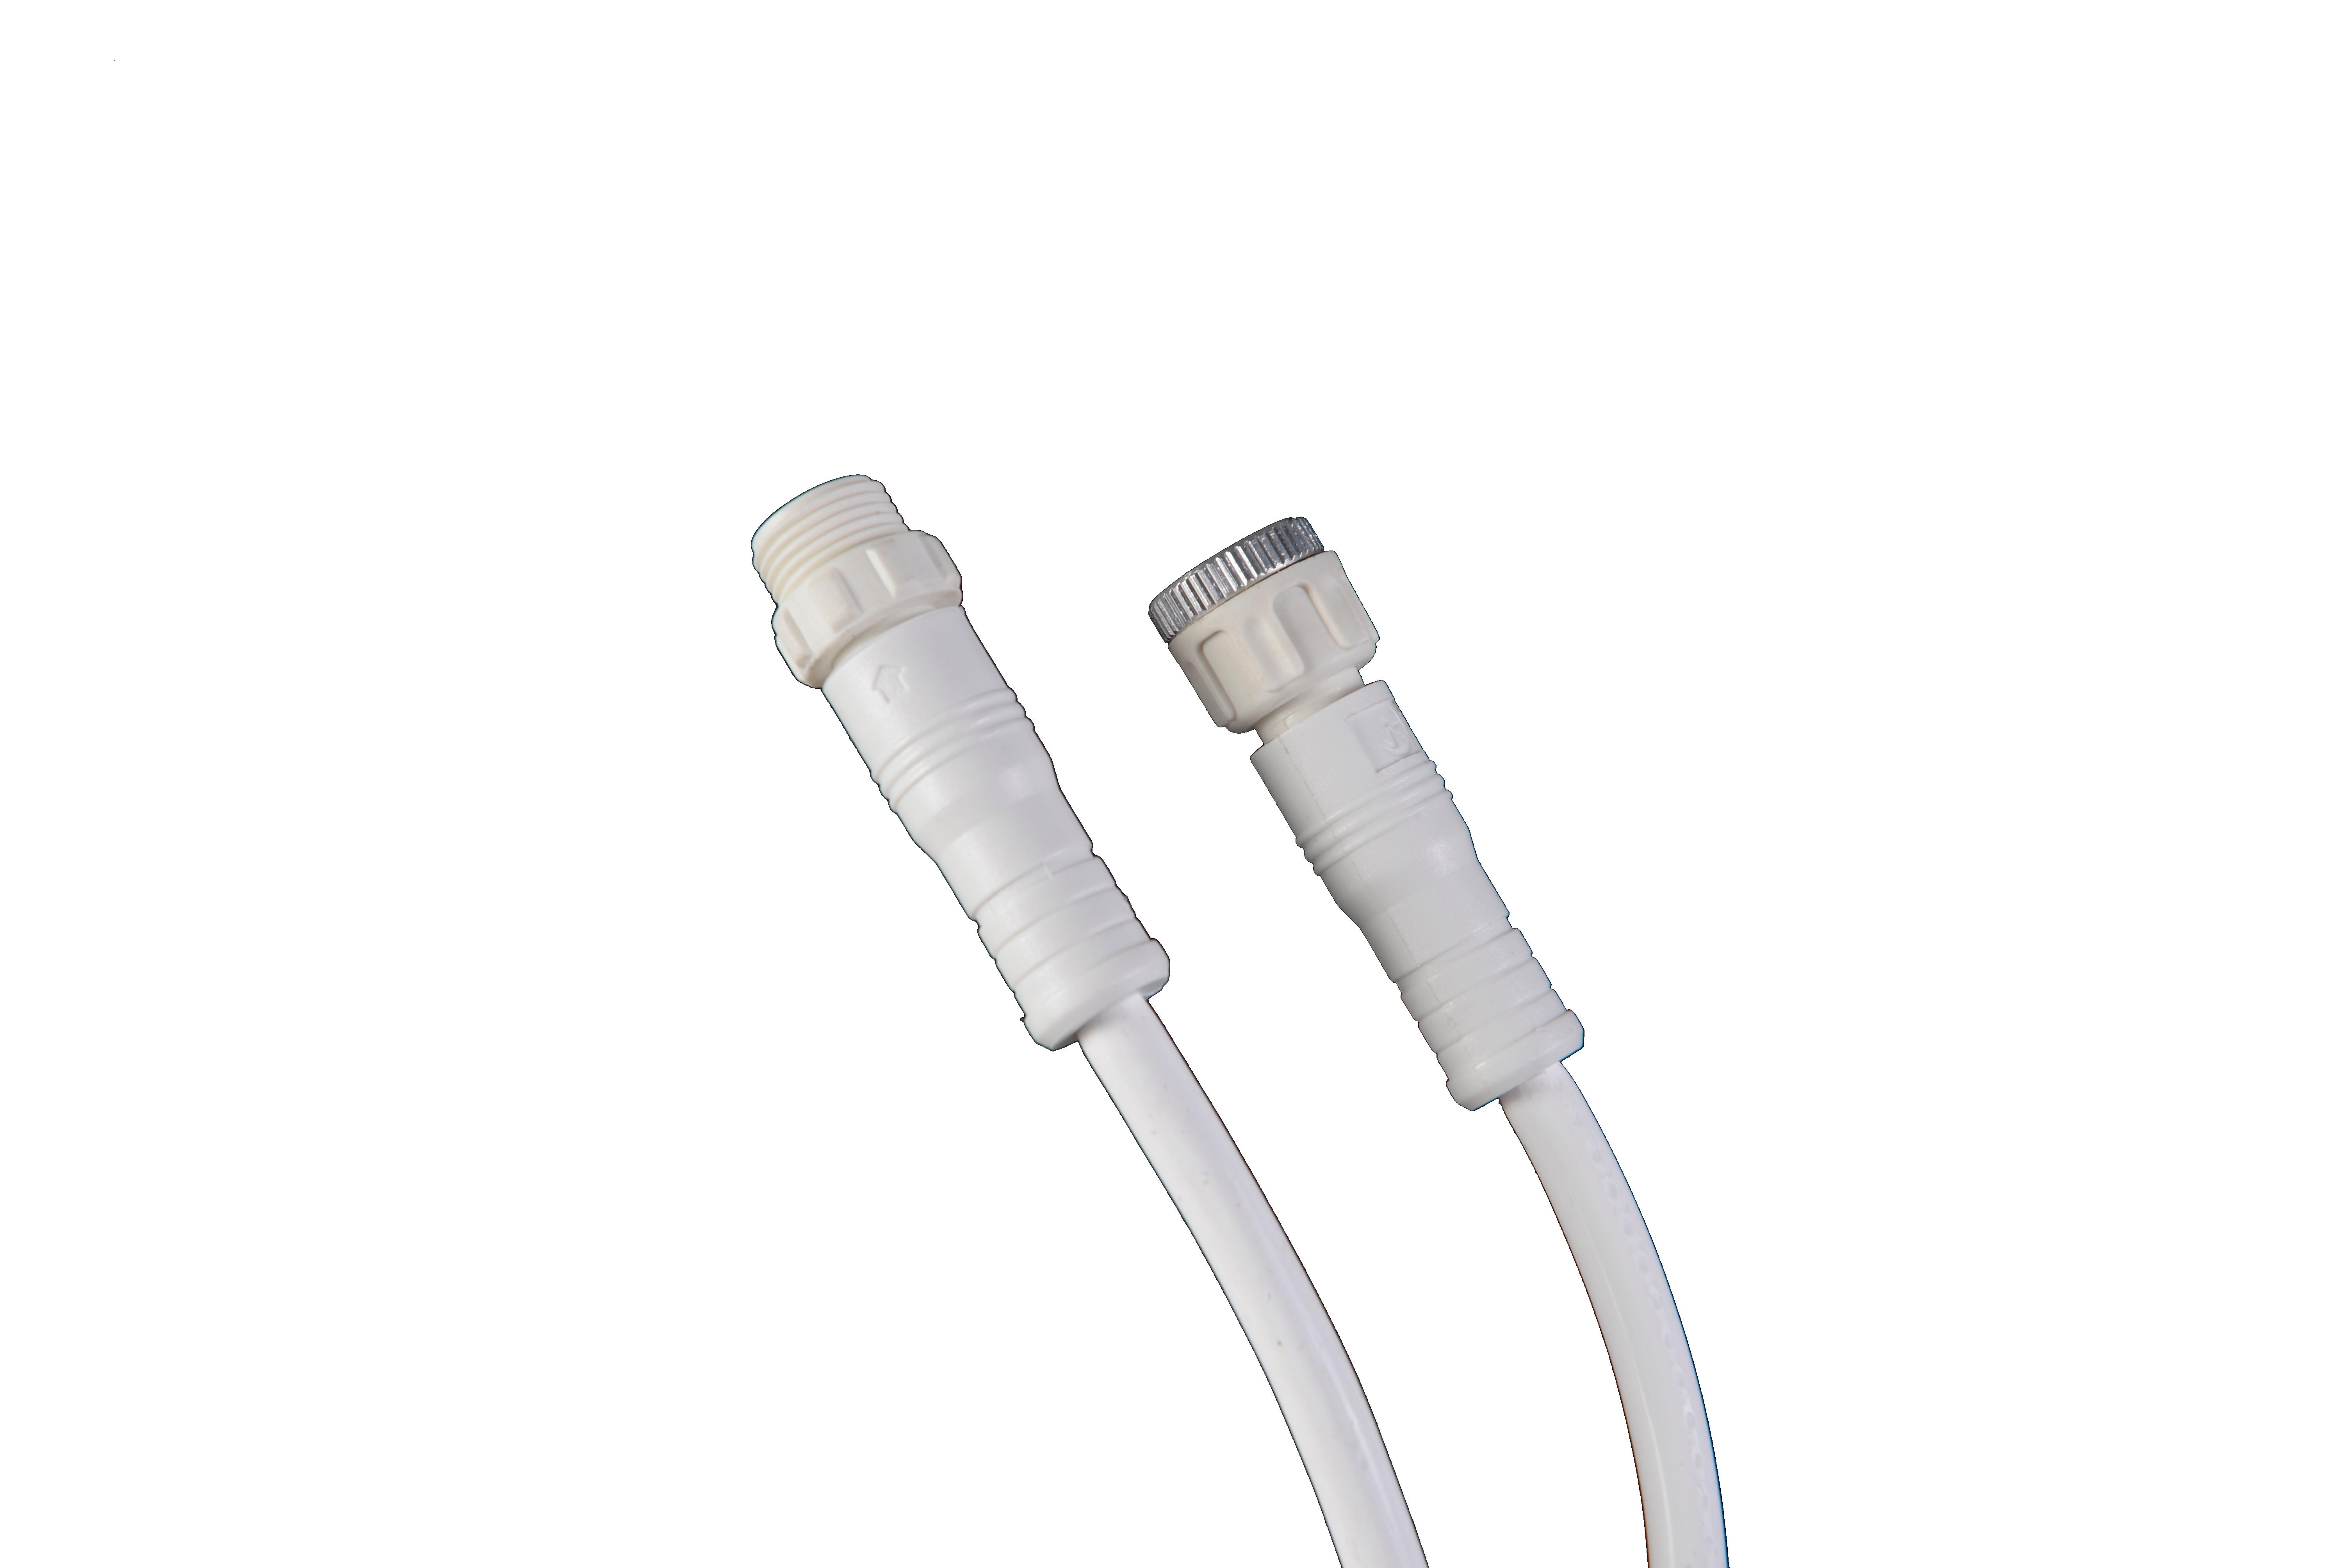 4P female connector silicone wire (0.25M)